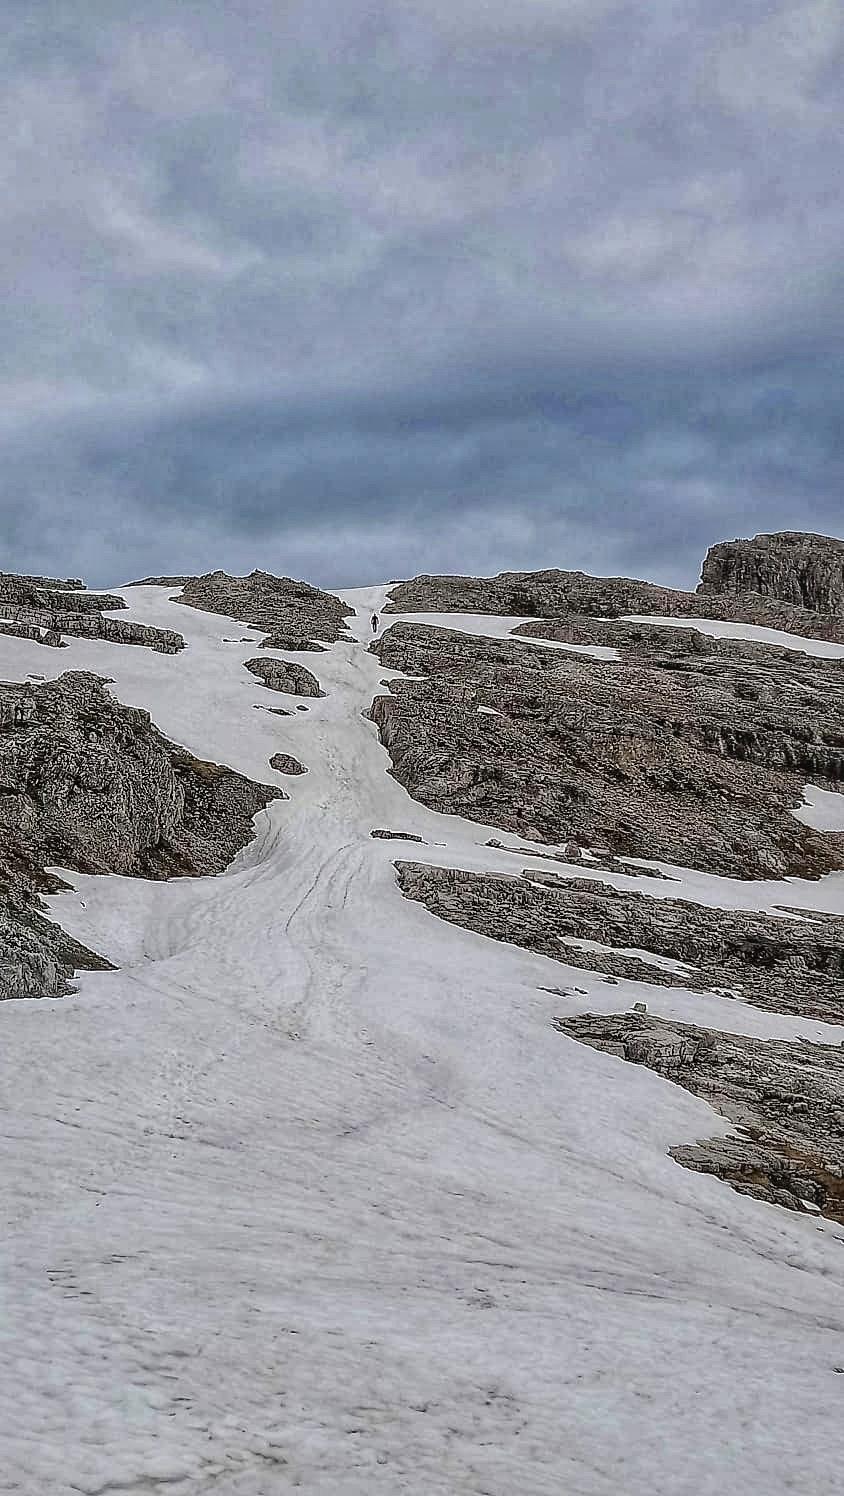 Auf dieser Schneerinne geht's Richtung Gipfel, bin ja schon fast oben 😄